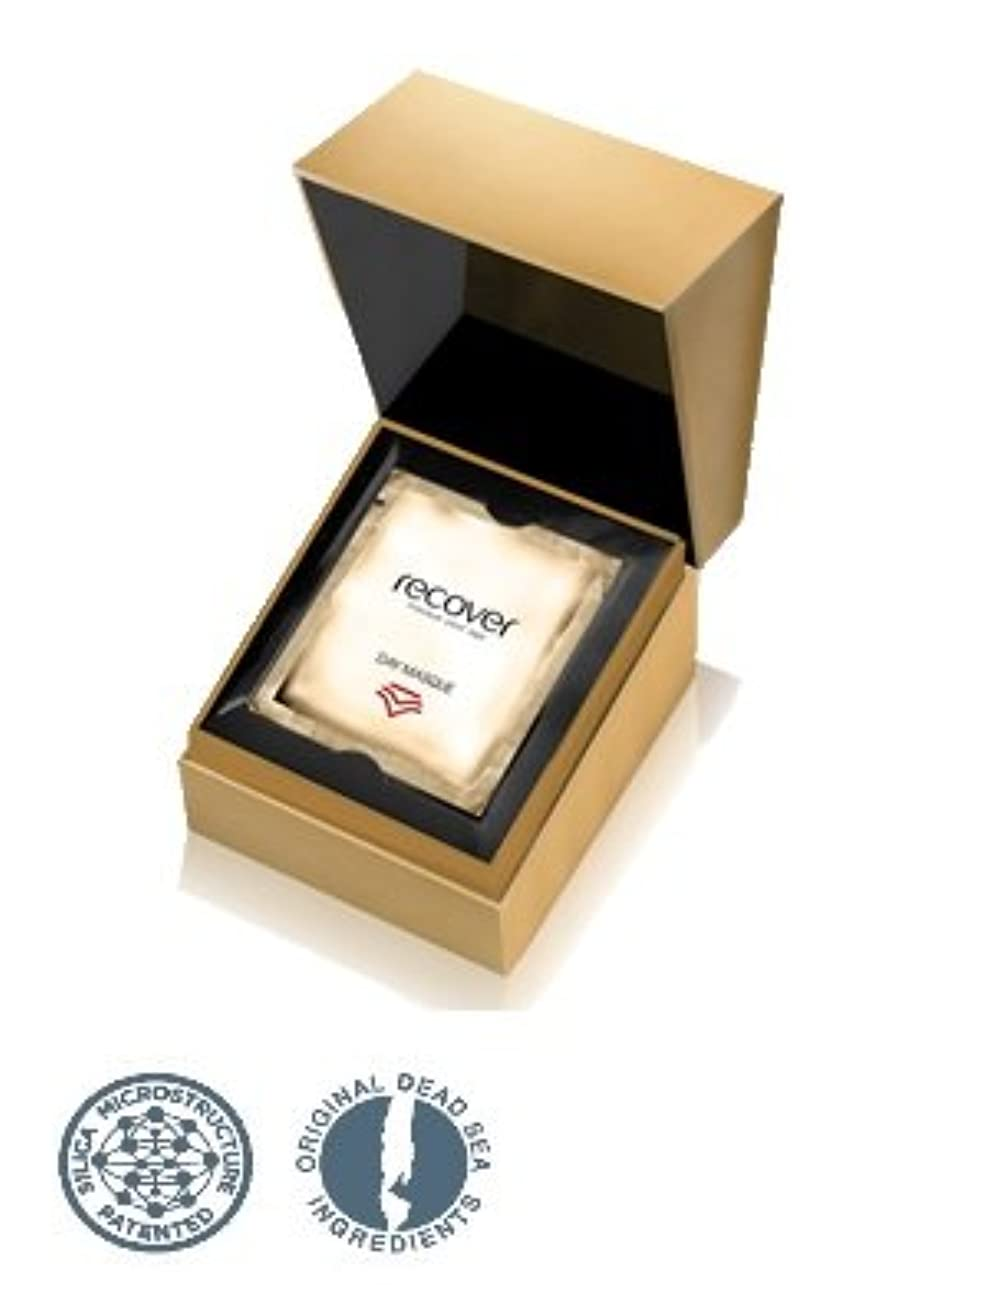 郵便物一族保護するSEACRET(シークレット) リカバーデイマスク26.4g (3.3g×8) シークレット